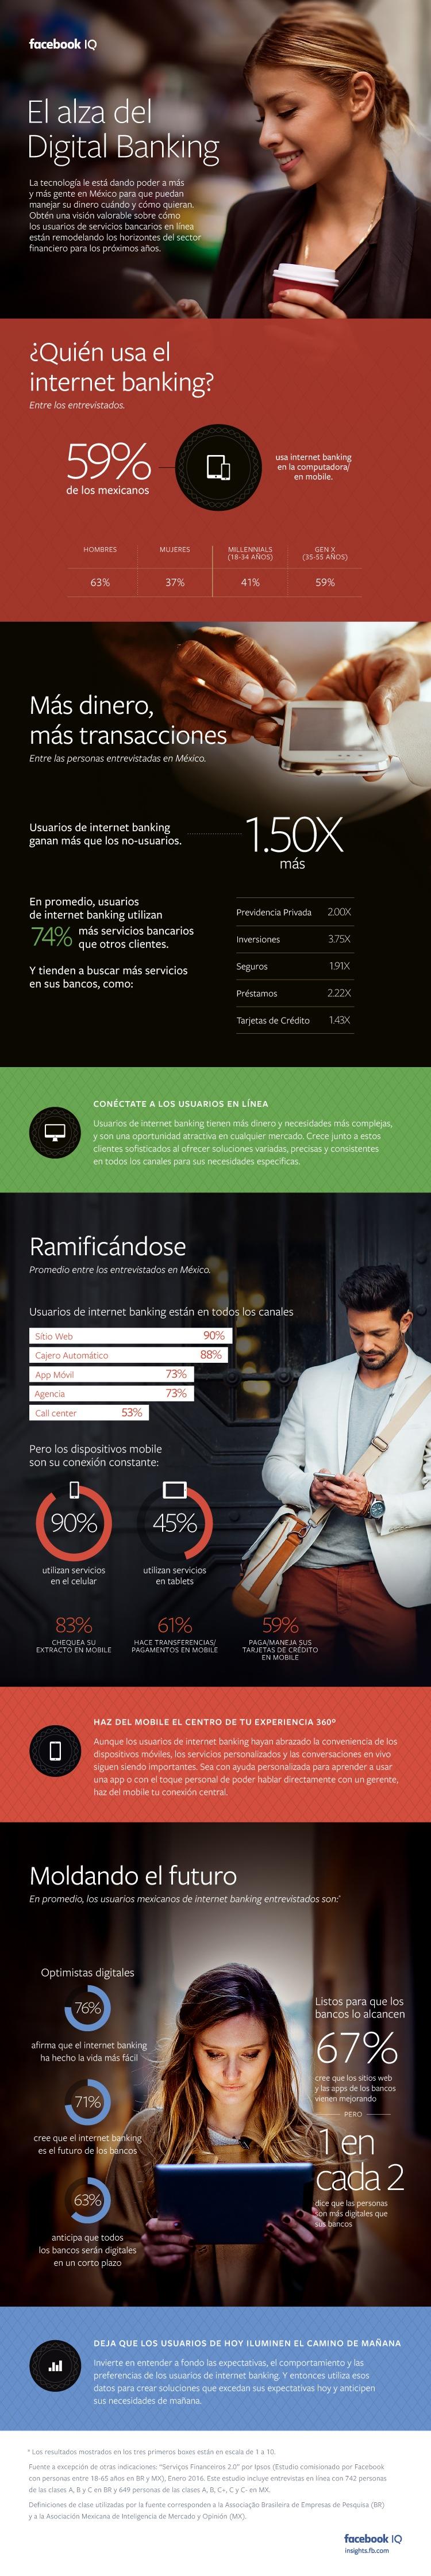 Estudio de Facebook IQ muestra que 59% de los mexicanos usa banca online - banca-online-fb